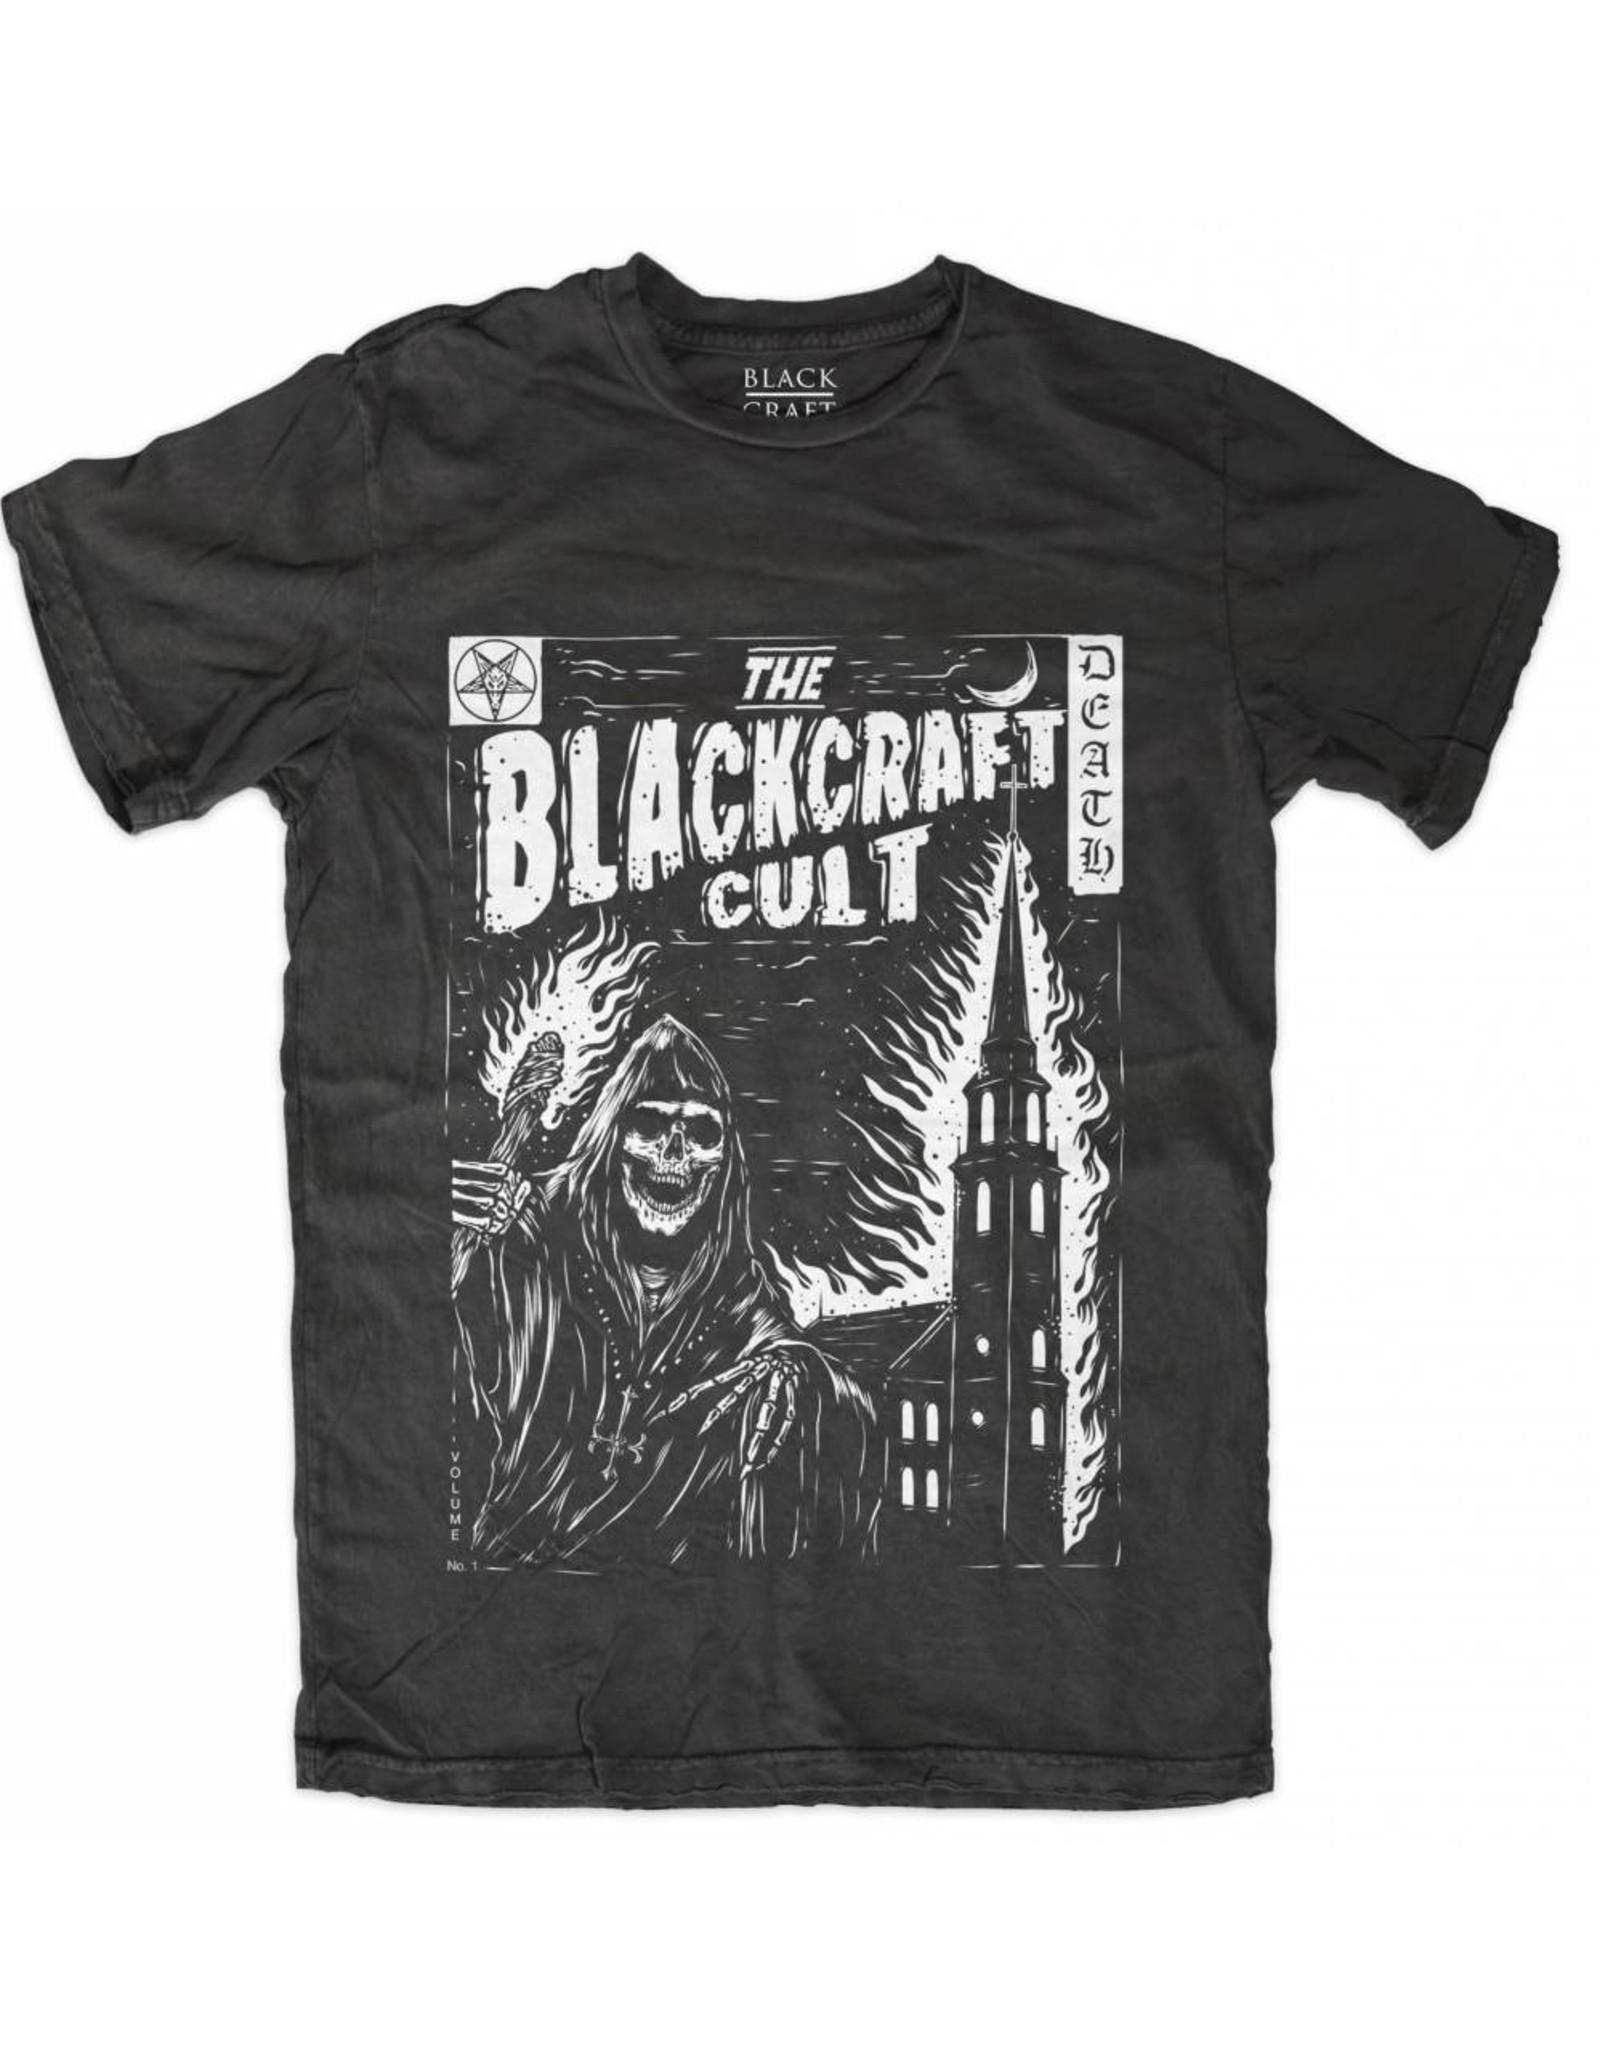 BLACKCRAFT CULT BCC Comic Vol. 1 T-Shirt